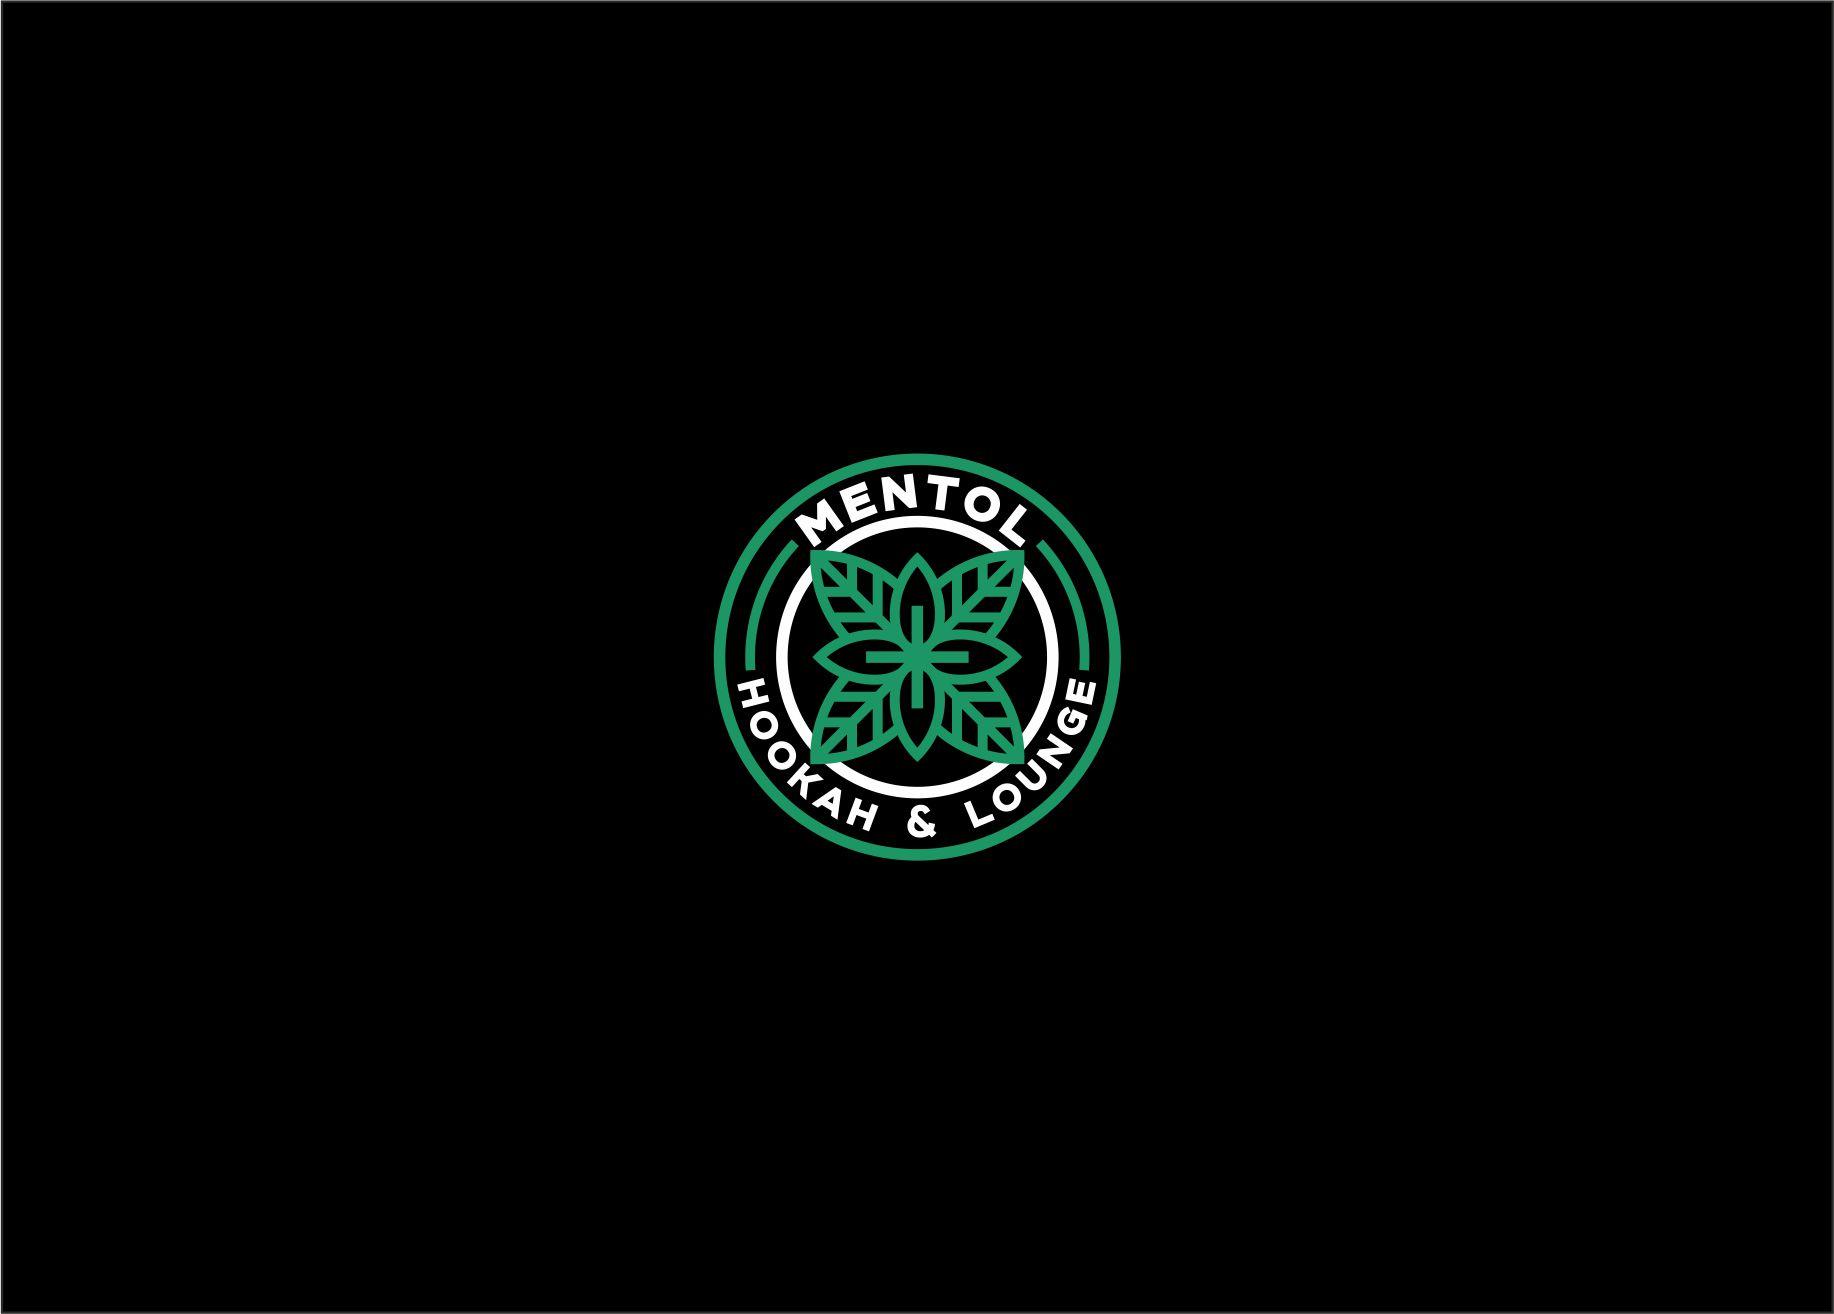 Создать логотип для кальянной!!! фото f_8475e0df6f057e15.jpg